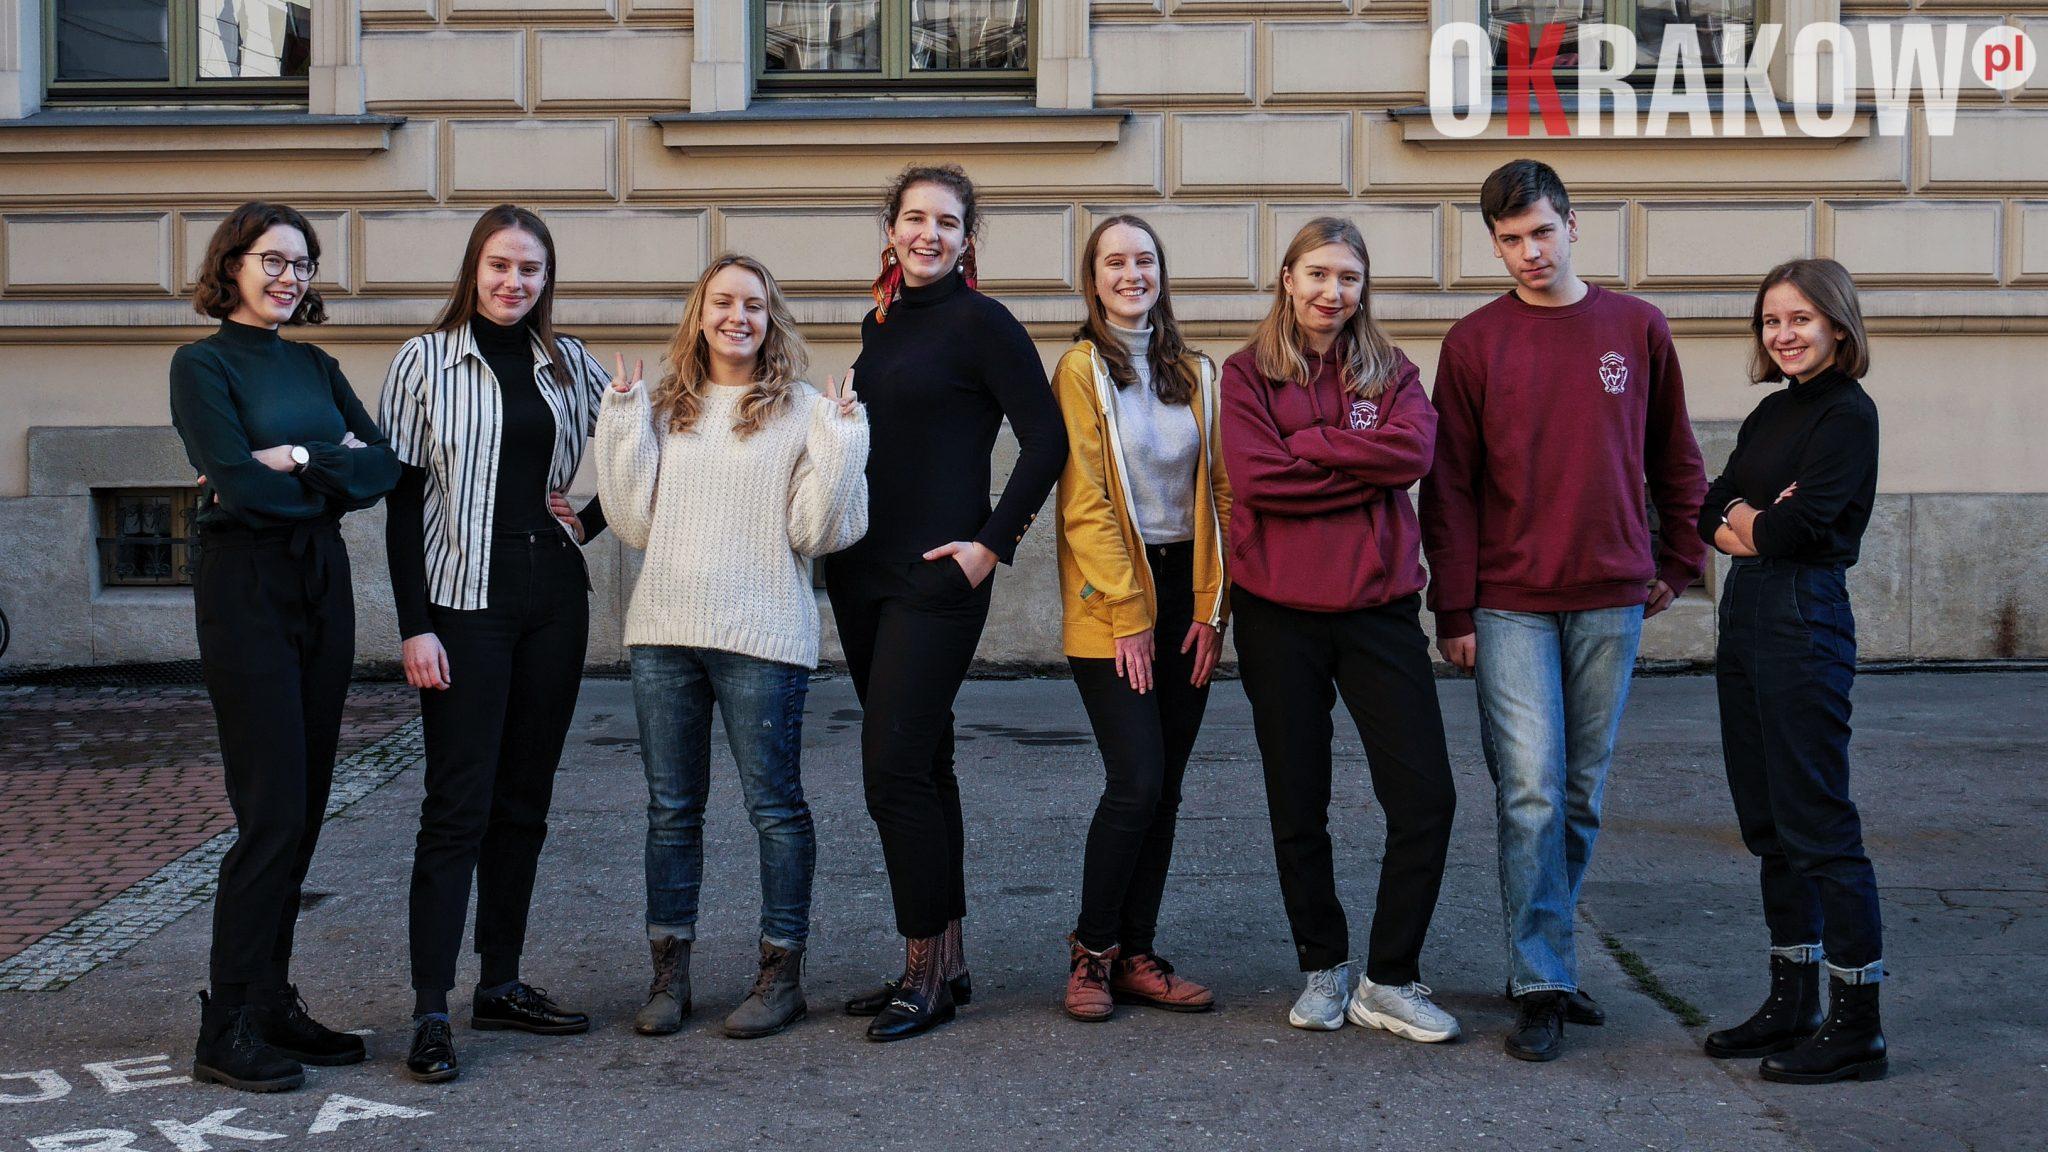 zdjecienas - Generacja Zmian: młodzi aktywni